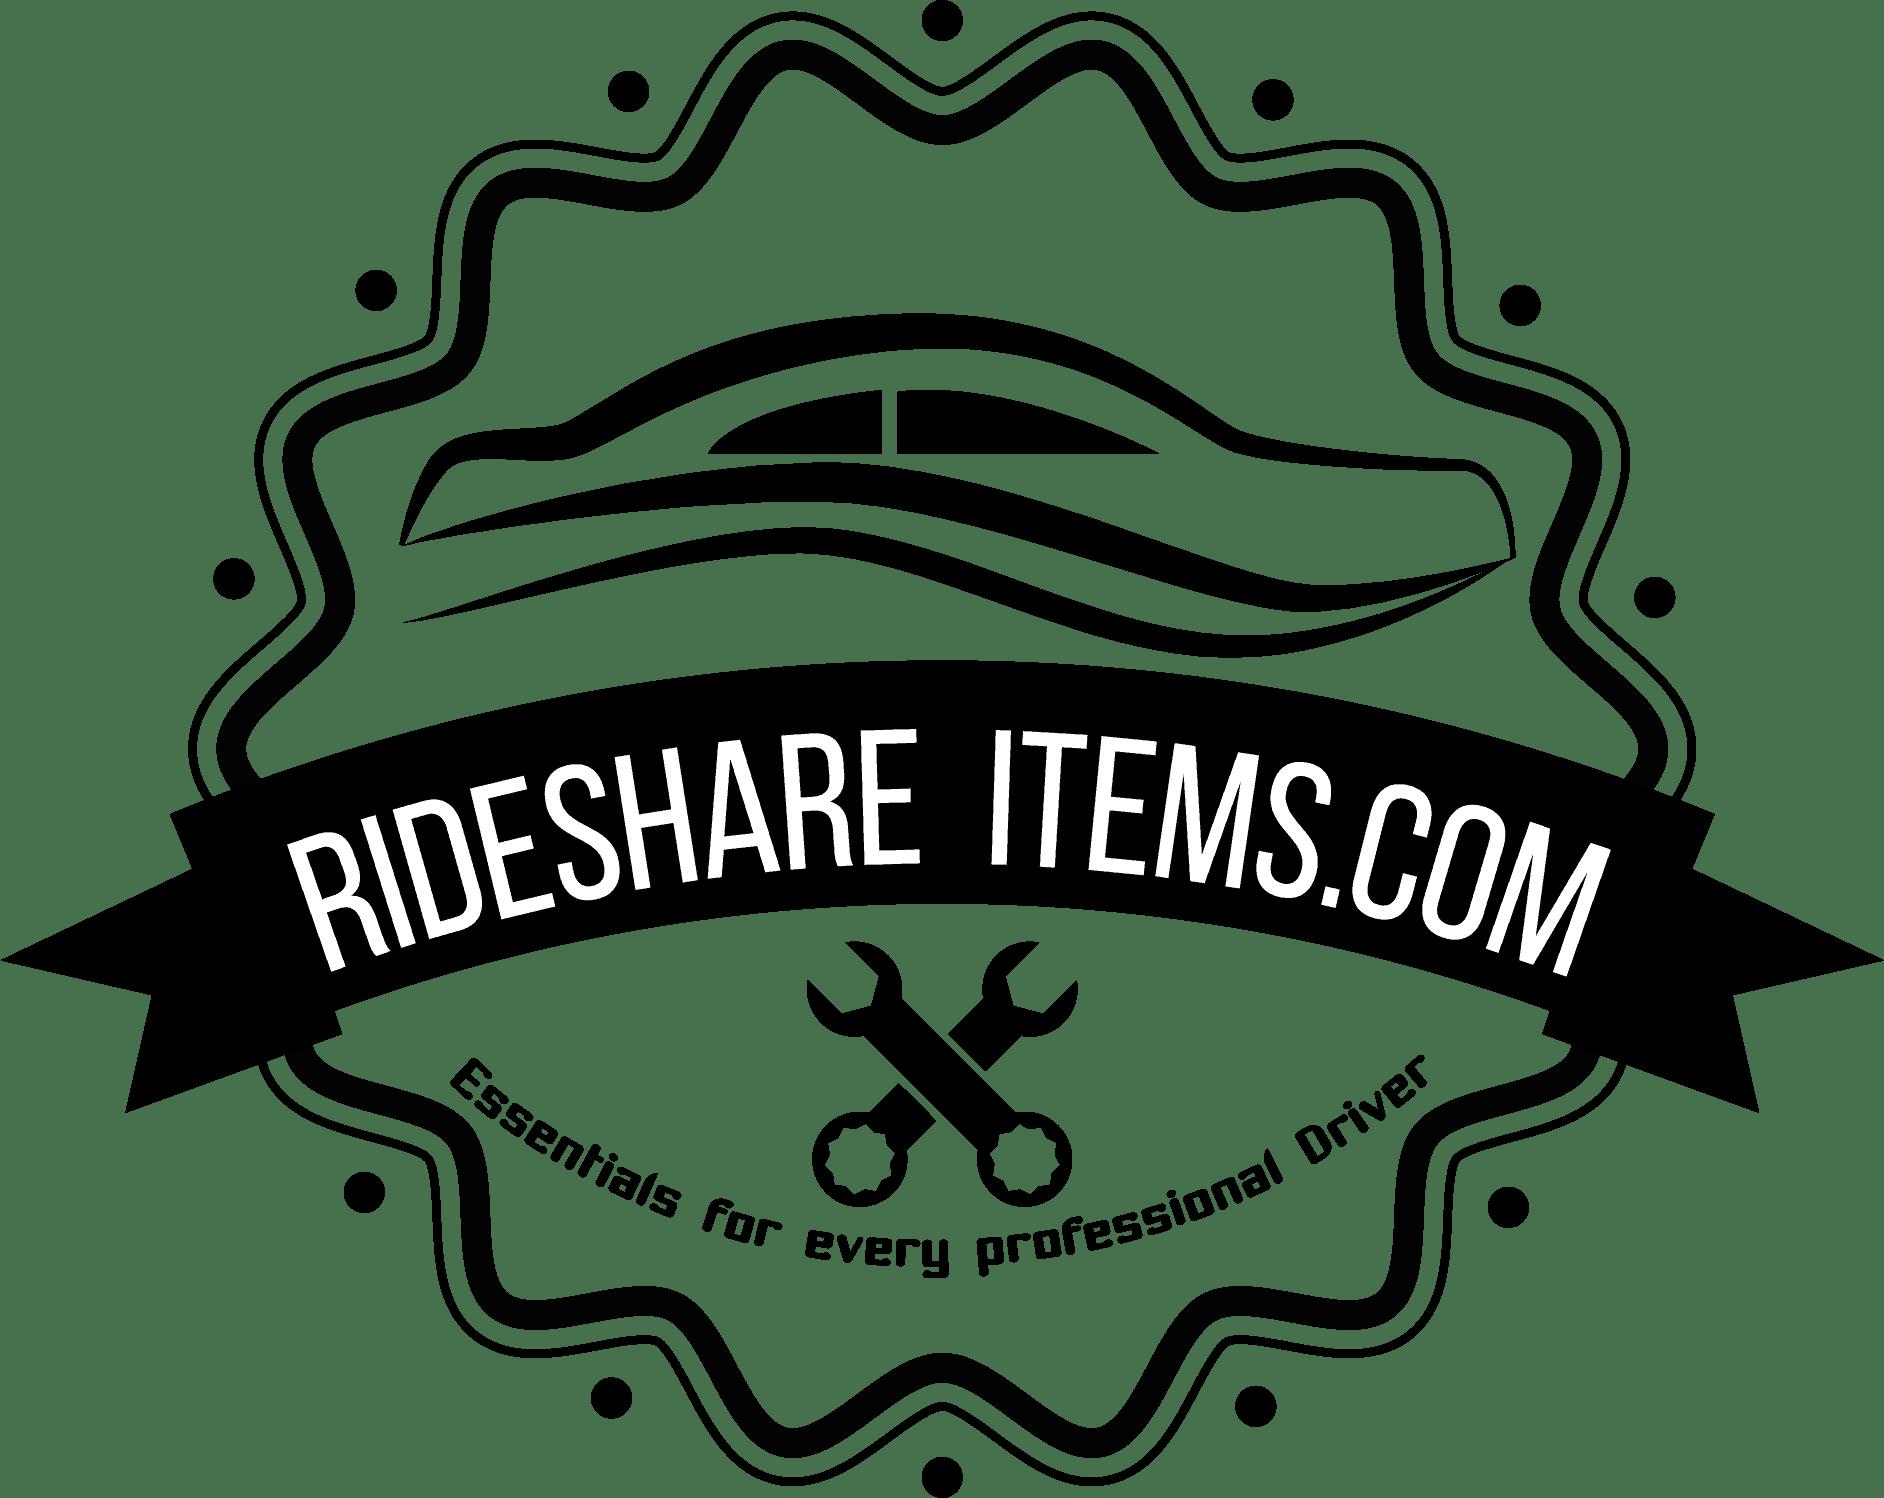 RideShareItems